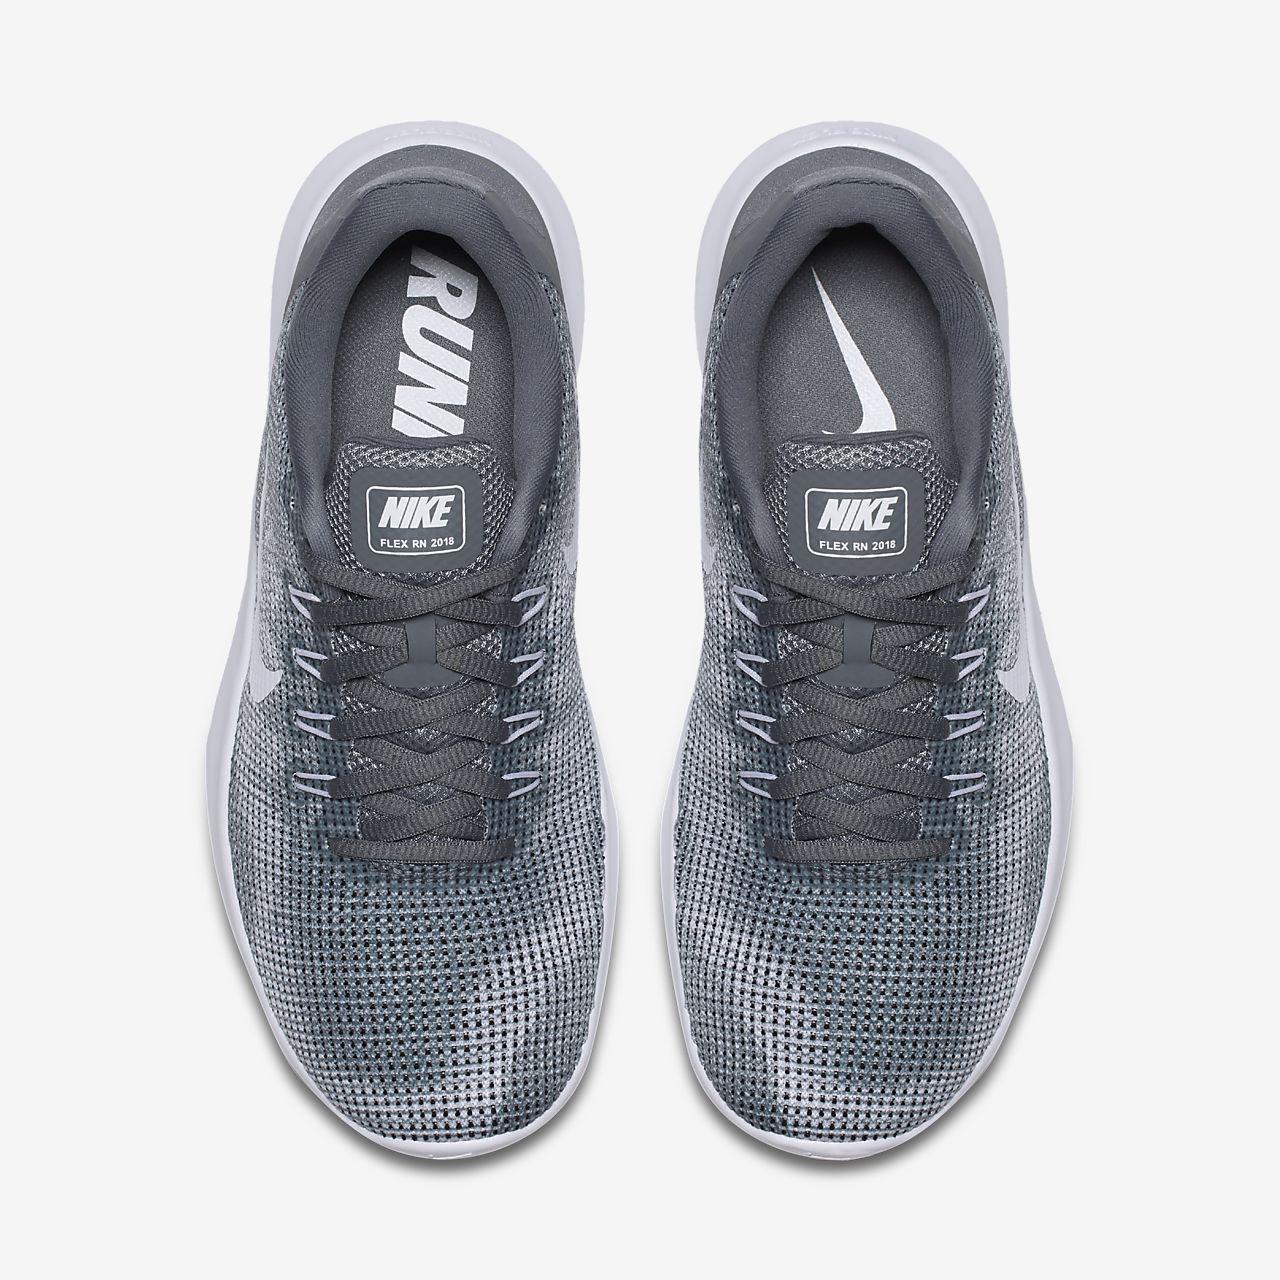 buy online hot sale online aliexpress Chaussure de running Nike Flex RN 2018 pour Femme